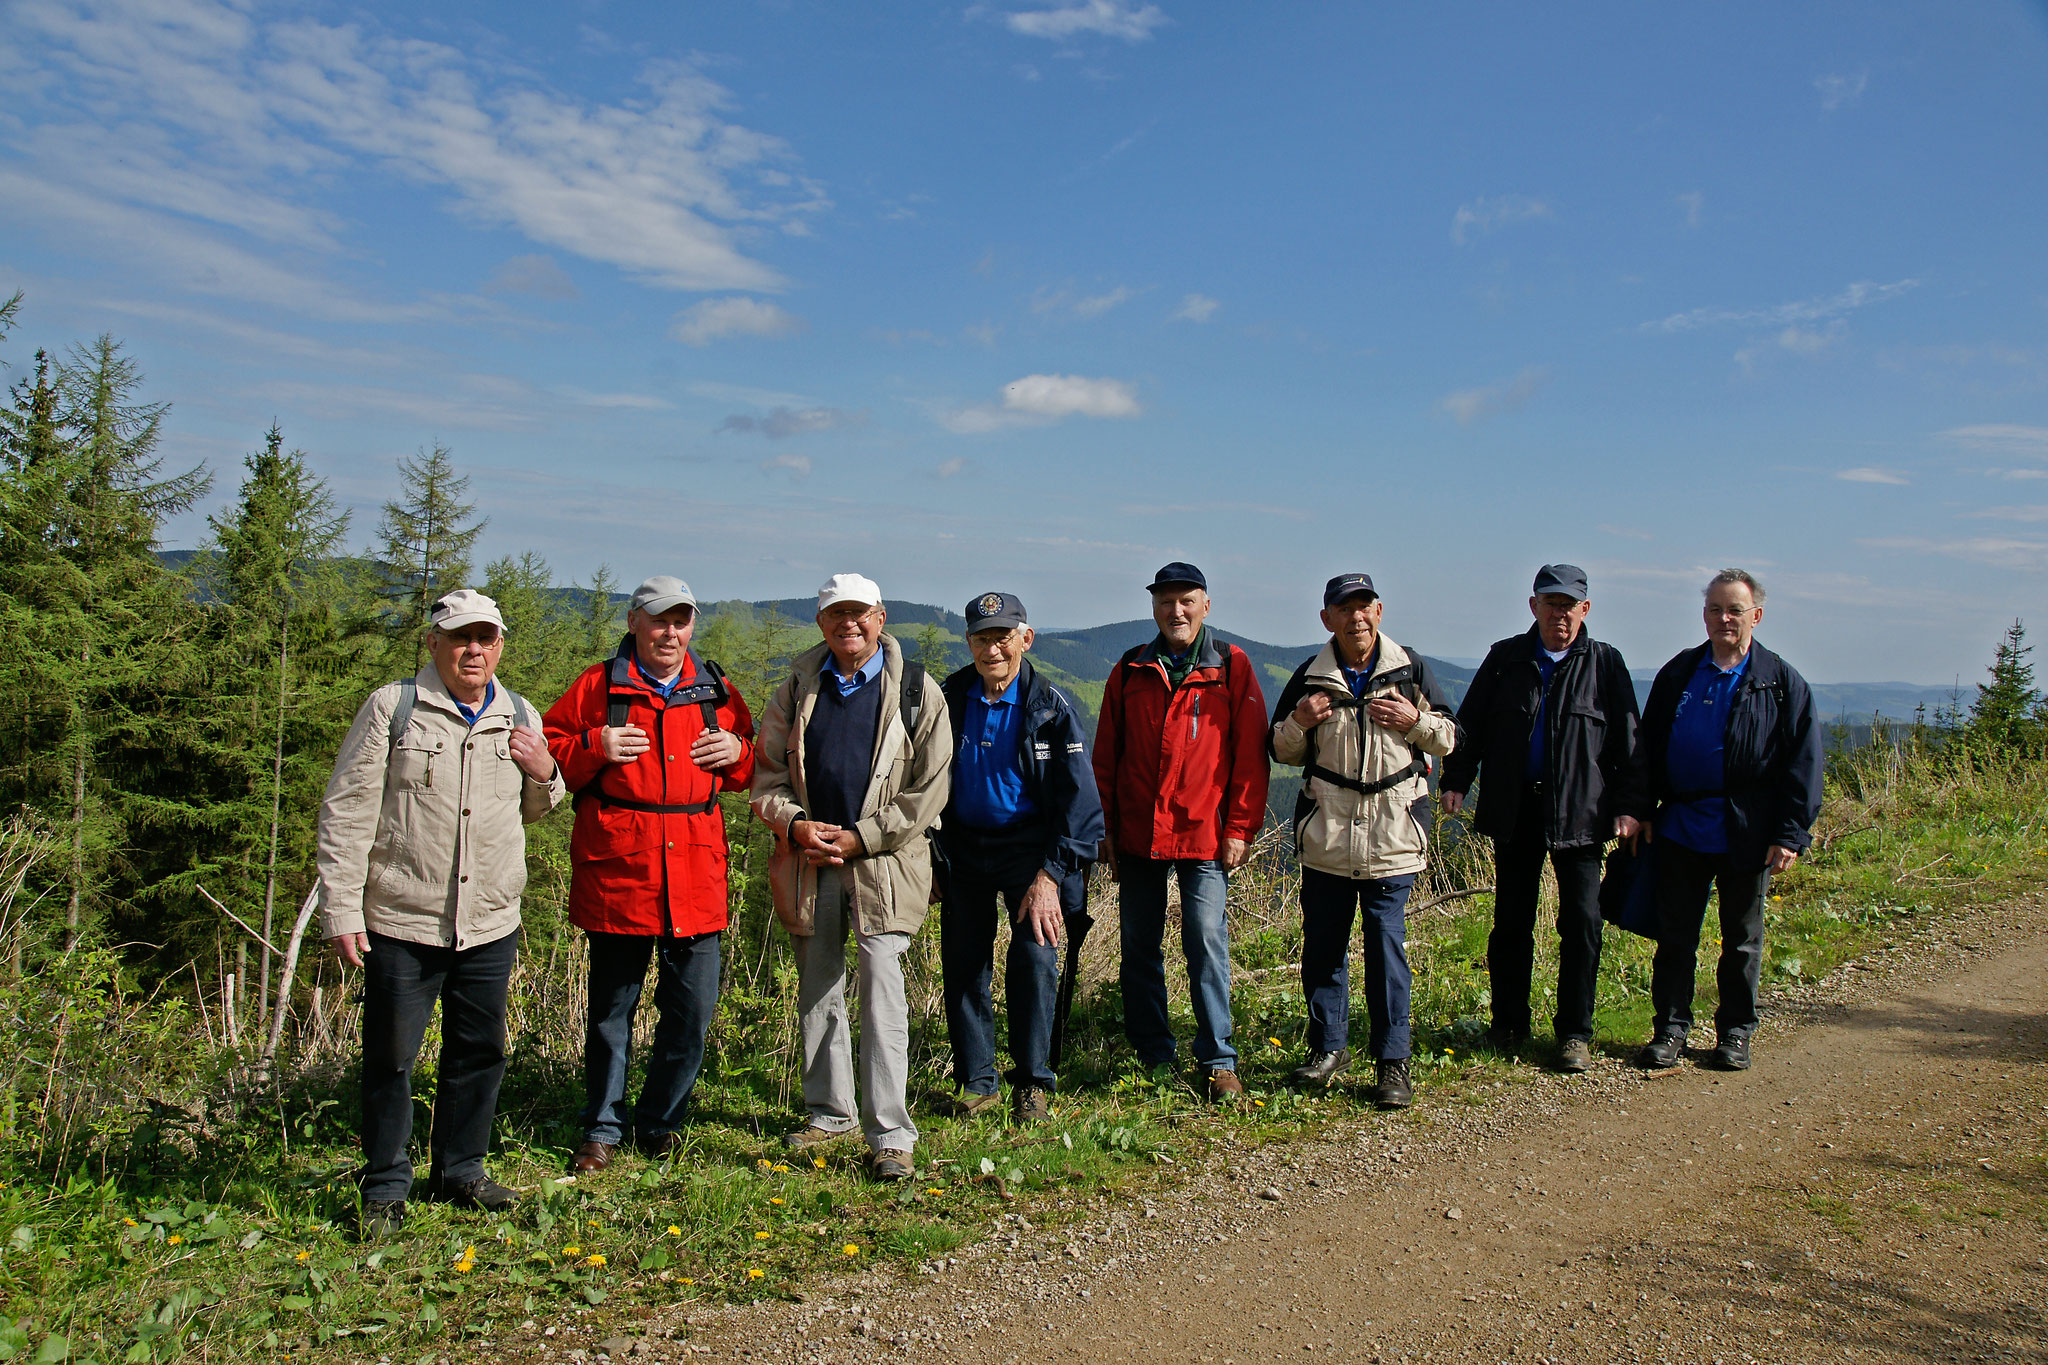 Foto von der Wanderung im Hochsauerland (15.05.2013) v.l. H. Kaufmann, L. Maiworm, D. Heuer, H. Engel, H. Wacker, G. Schöber, K-H. Kaufmann, K-H. Schmidt